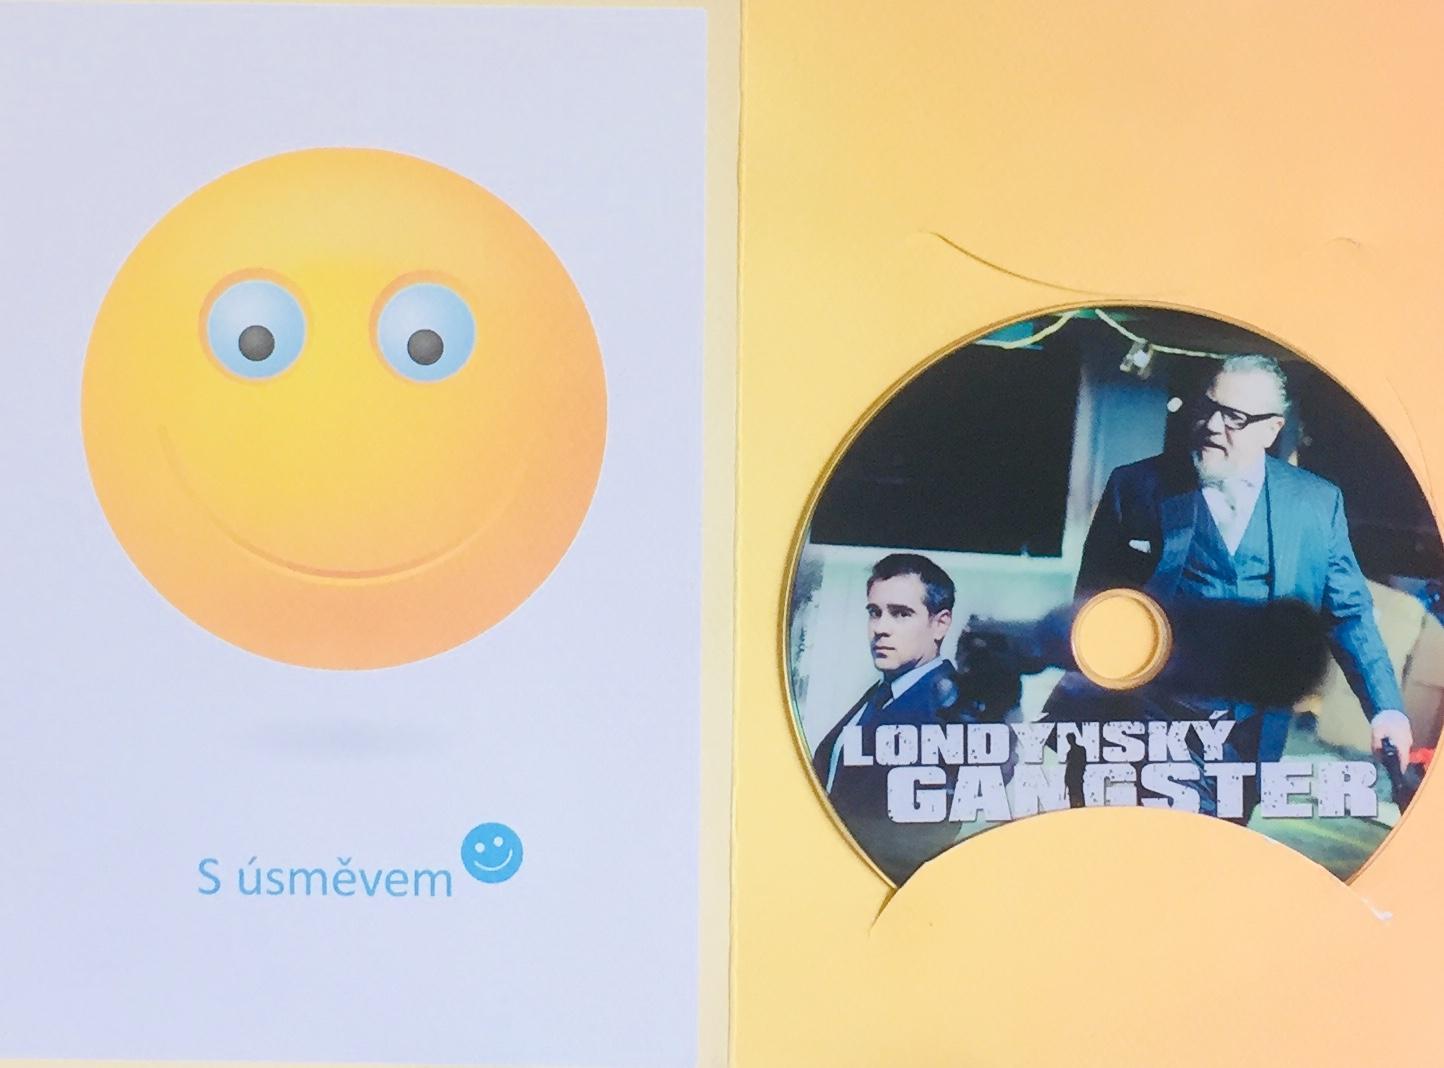 Londýnský gangster - DVD /dárkový obal/